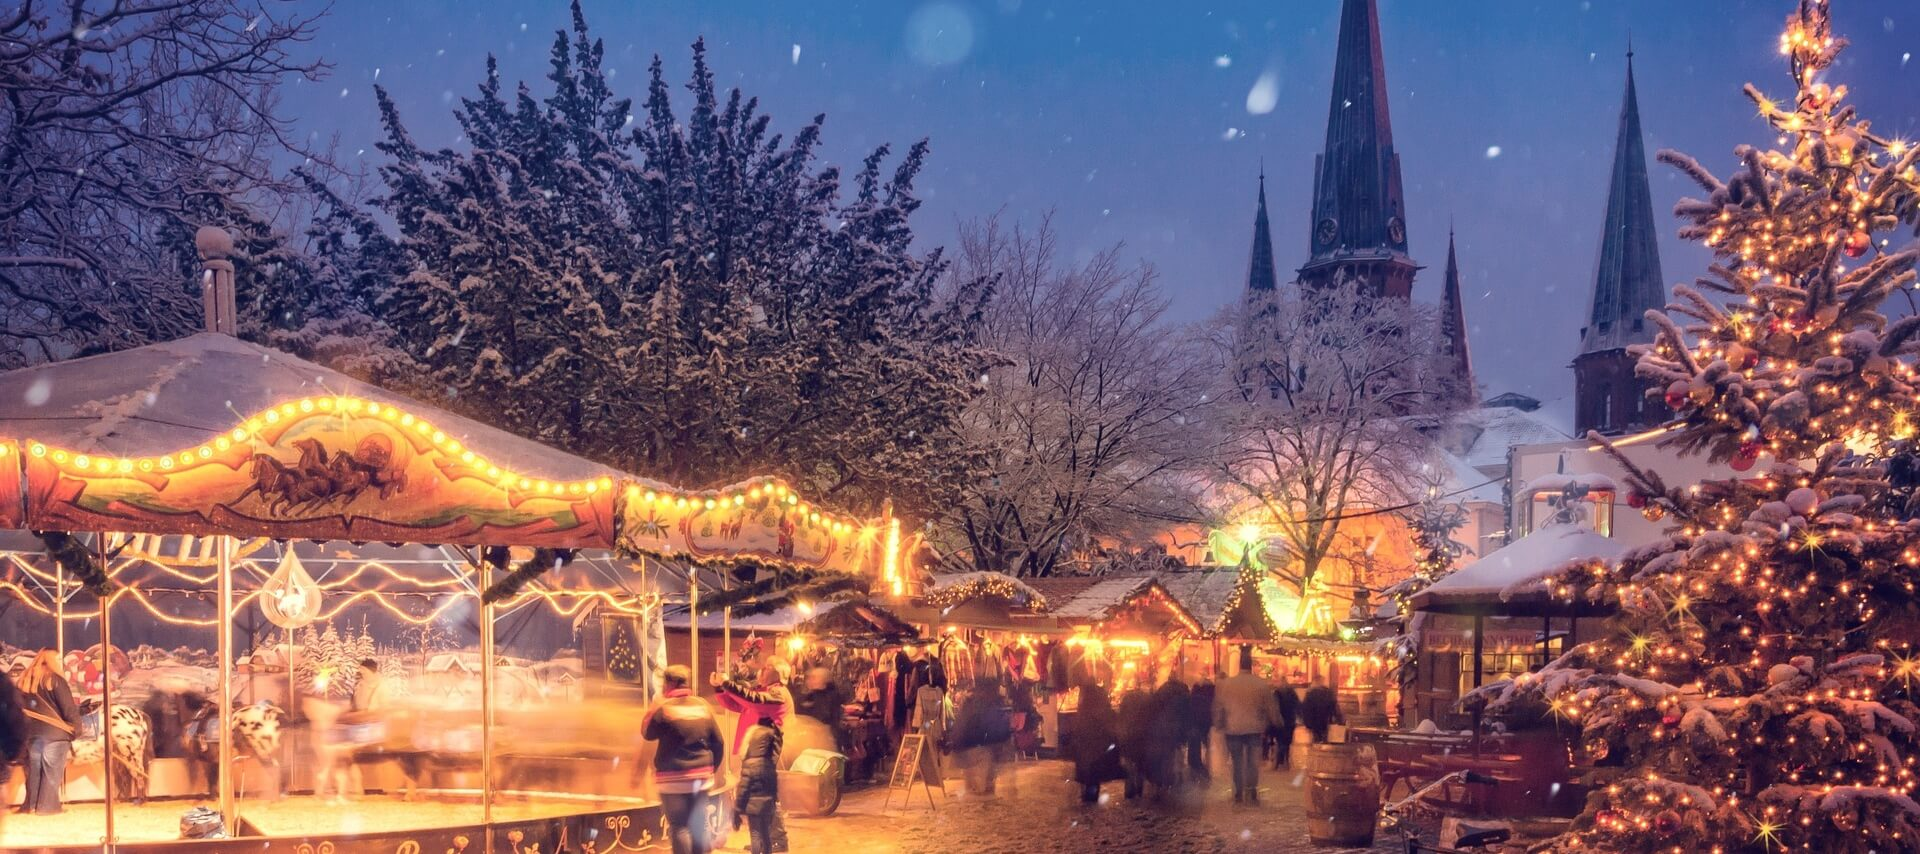 Naturidyll Hotels weihnachtsmarkt